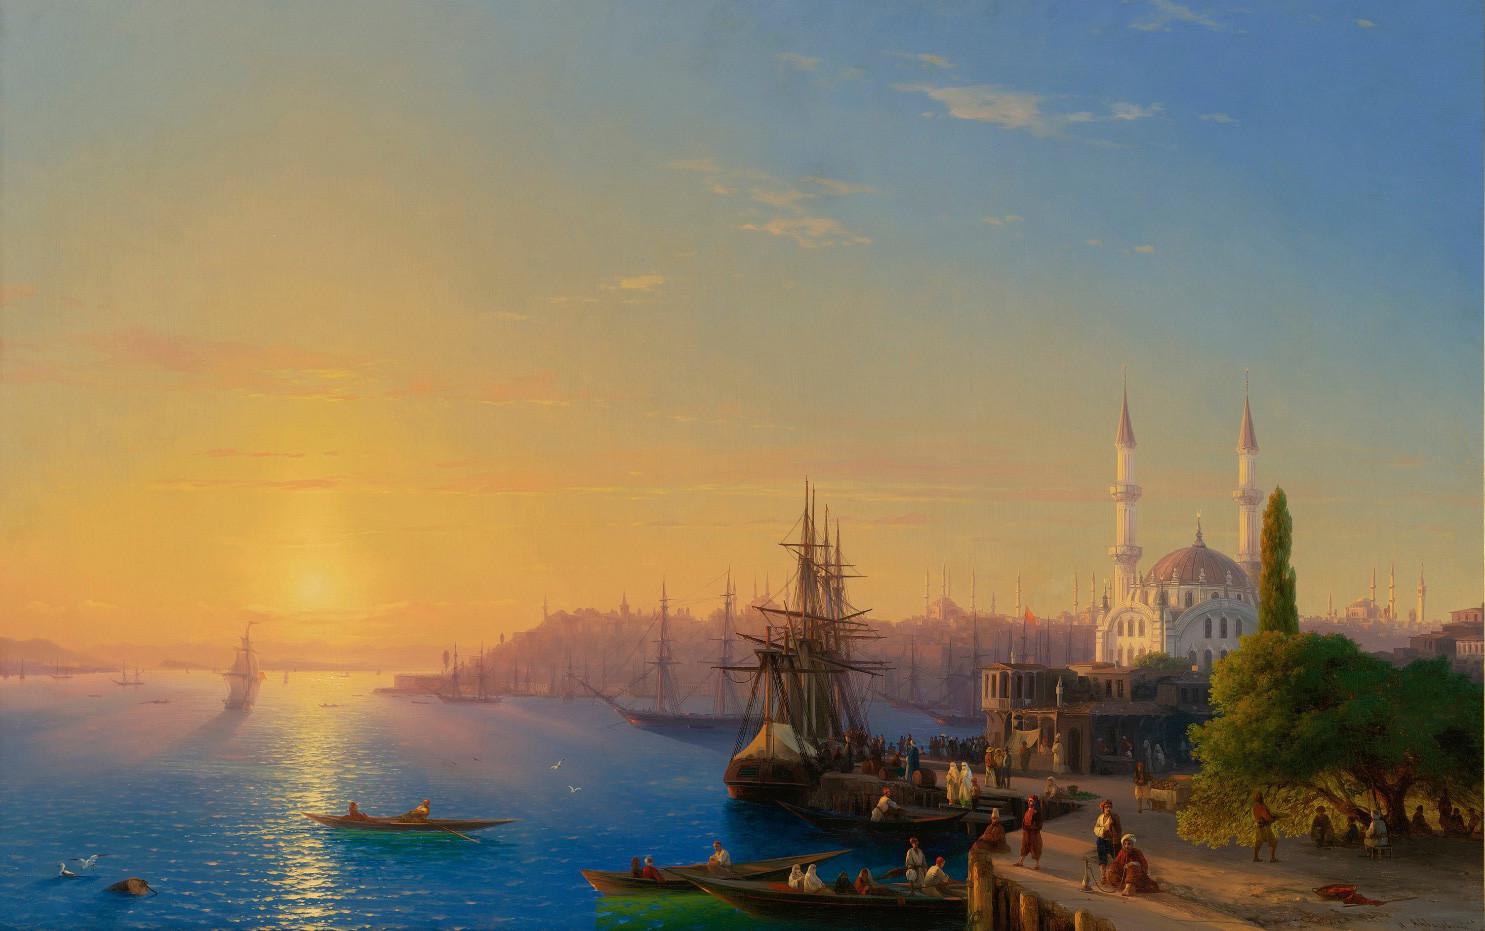 Costantinopoli e il paesaggio del Bosforo